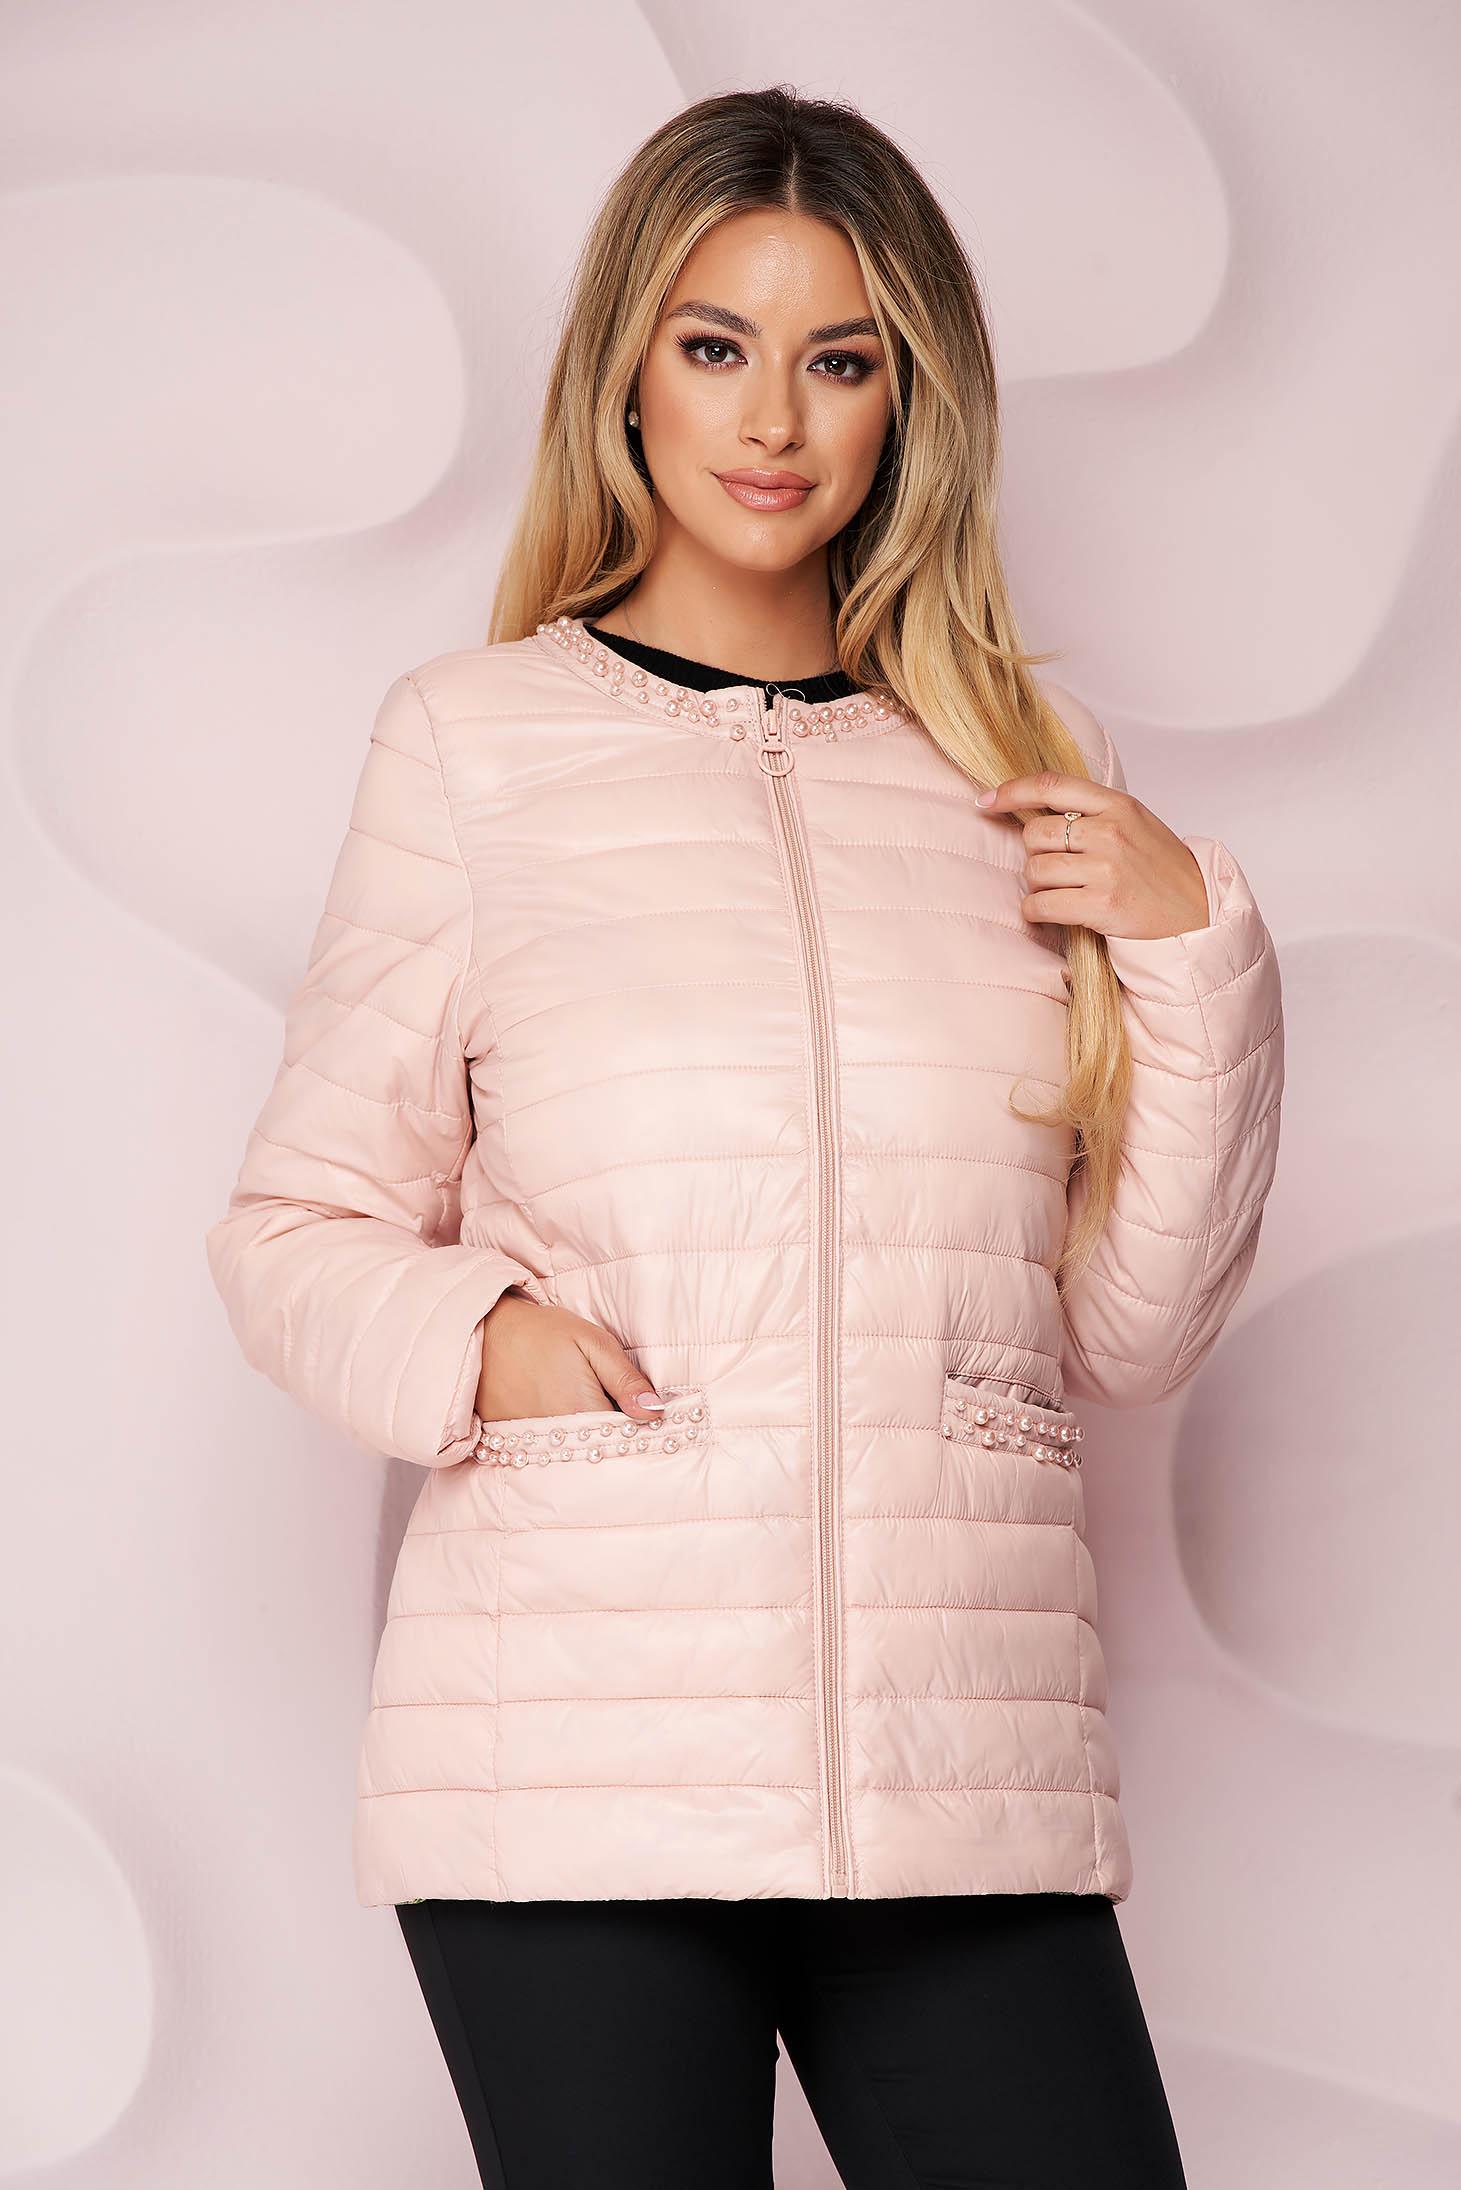 Geaca SunShine roz deschis din fas subtire matlasat cu aplicatii cu perle si croi drept